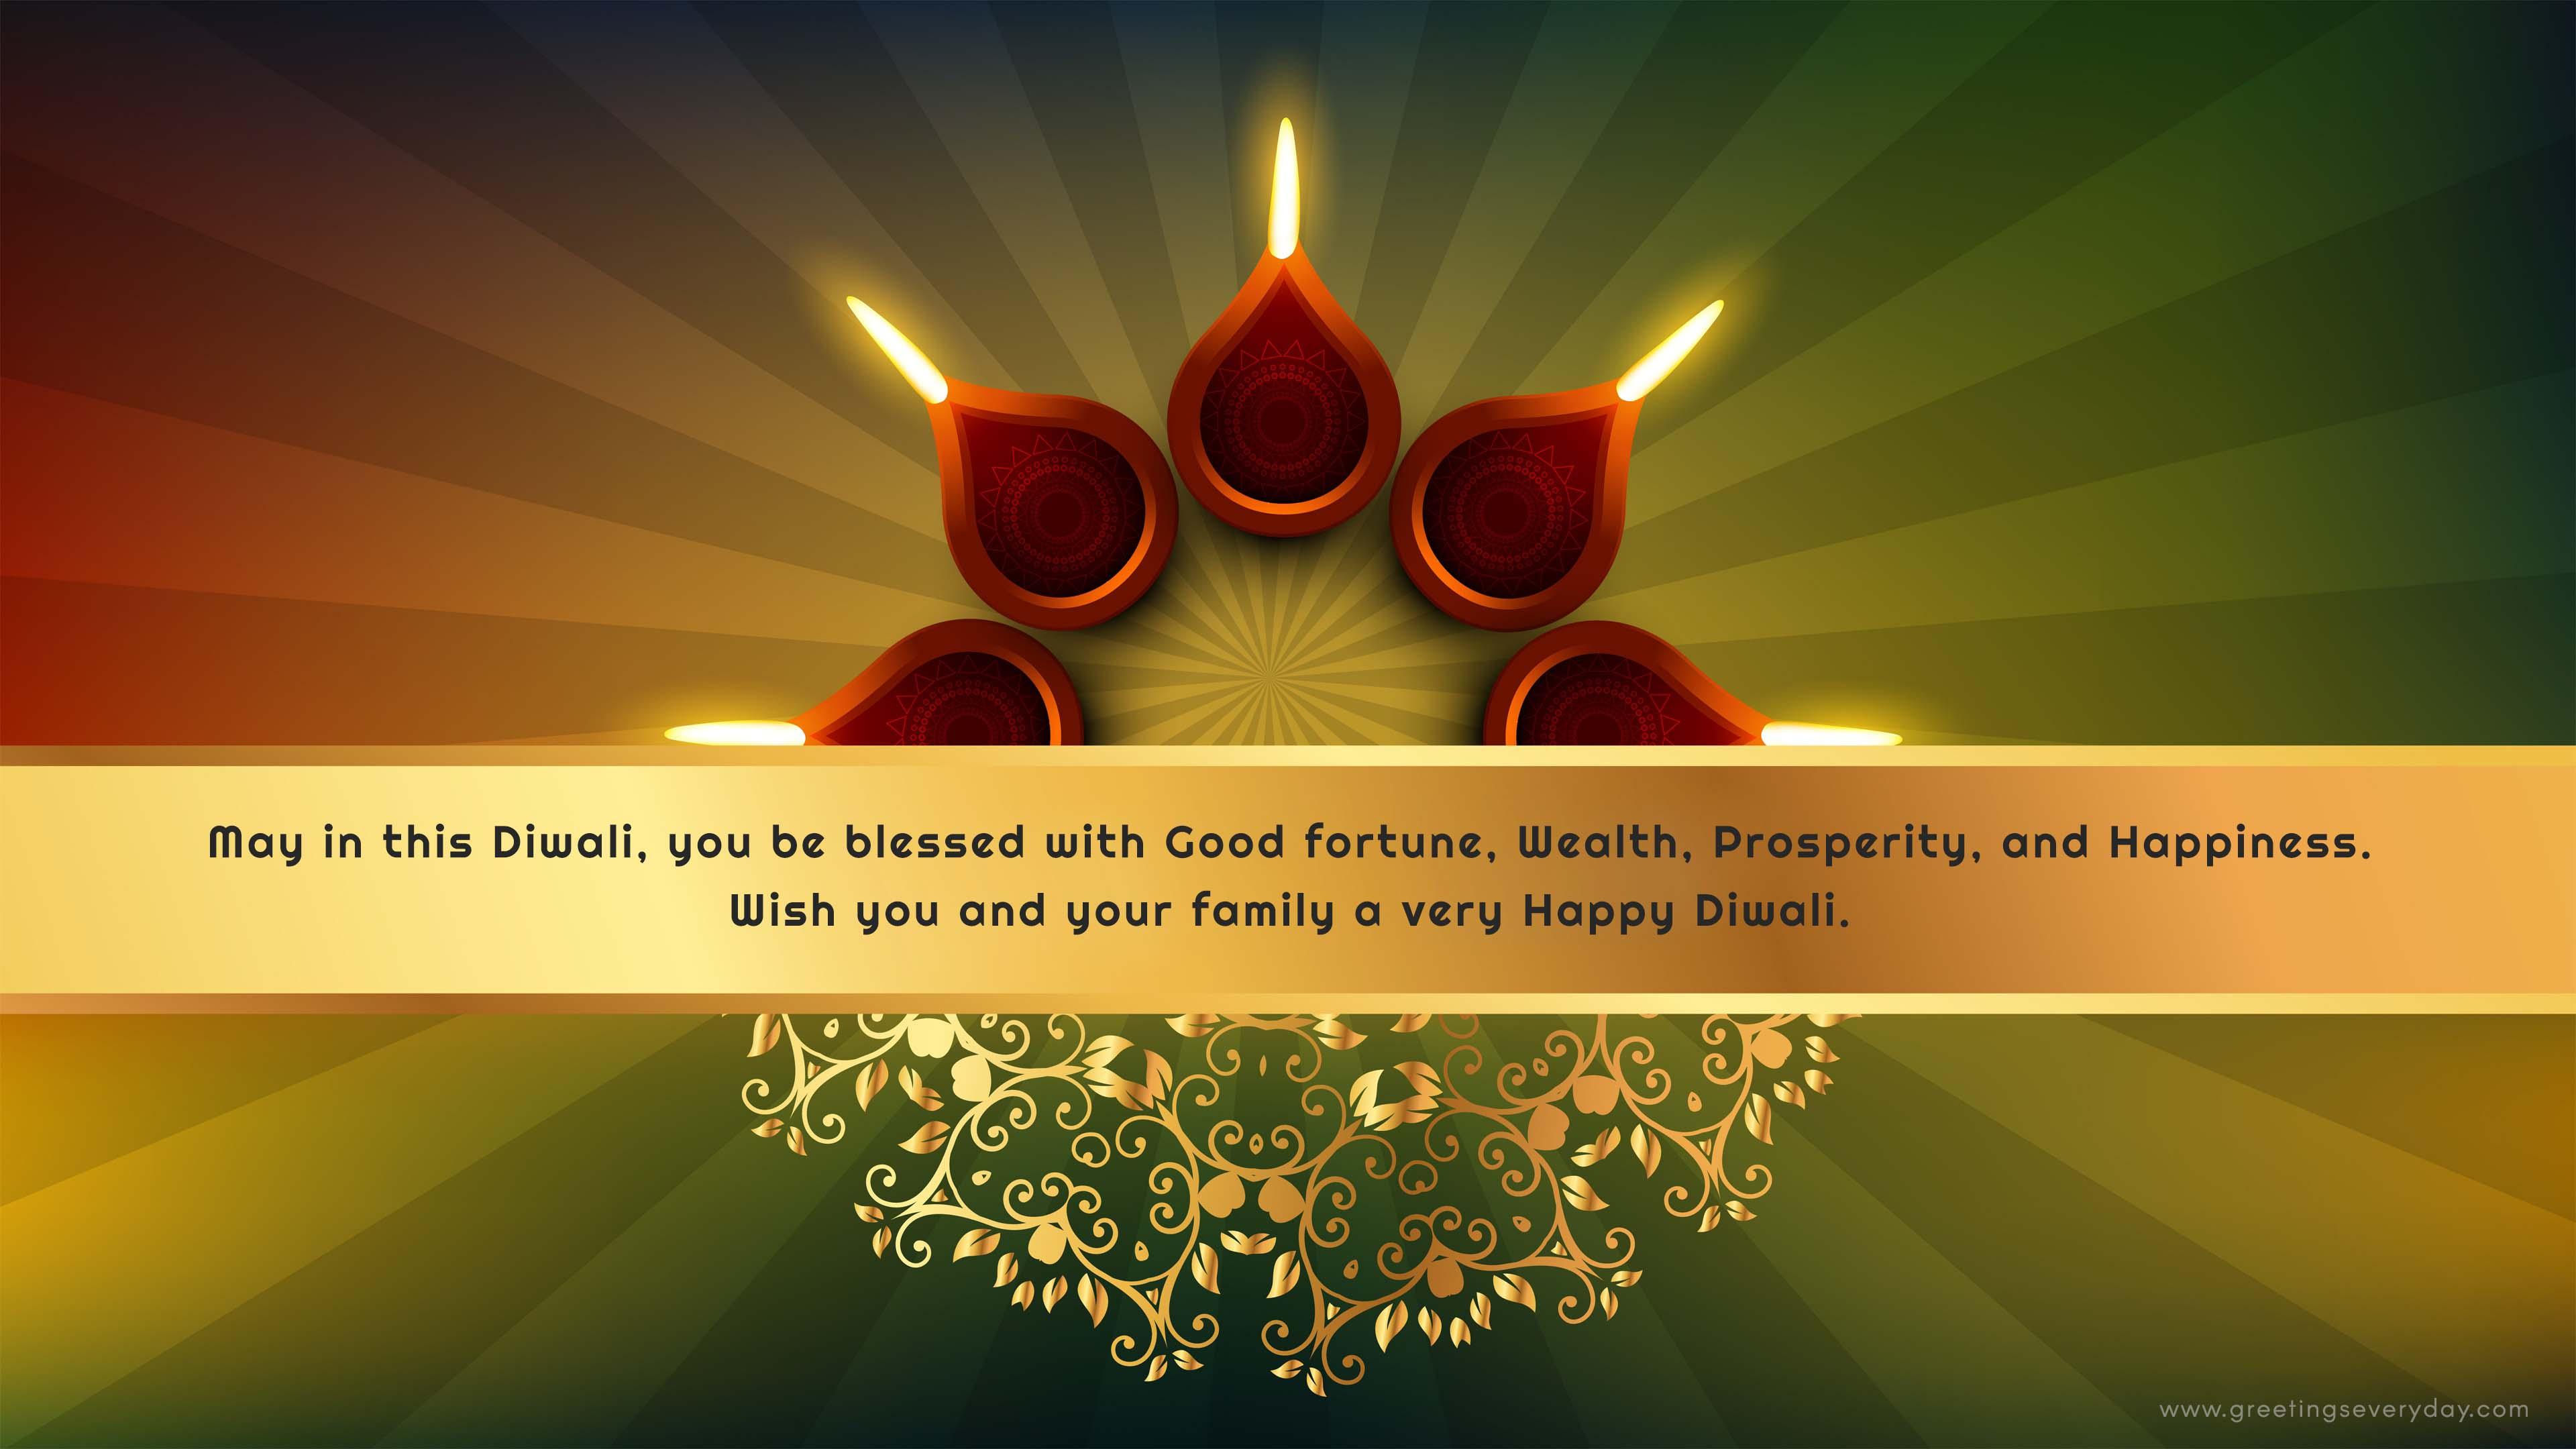 Happy Deepawali 2018